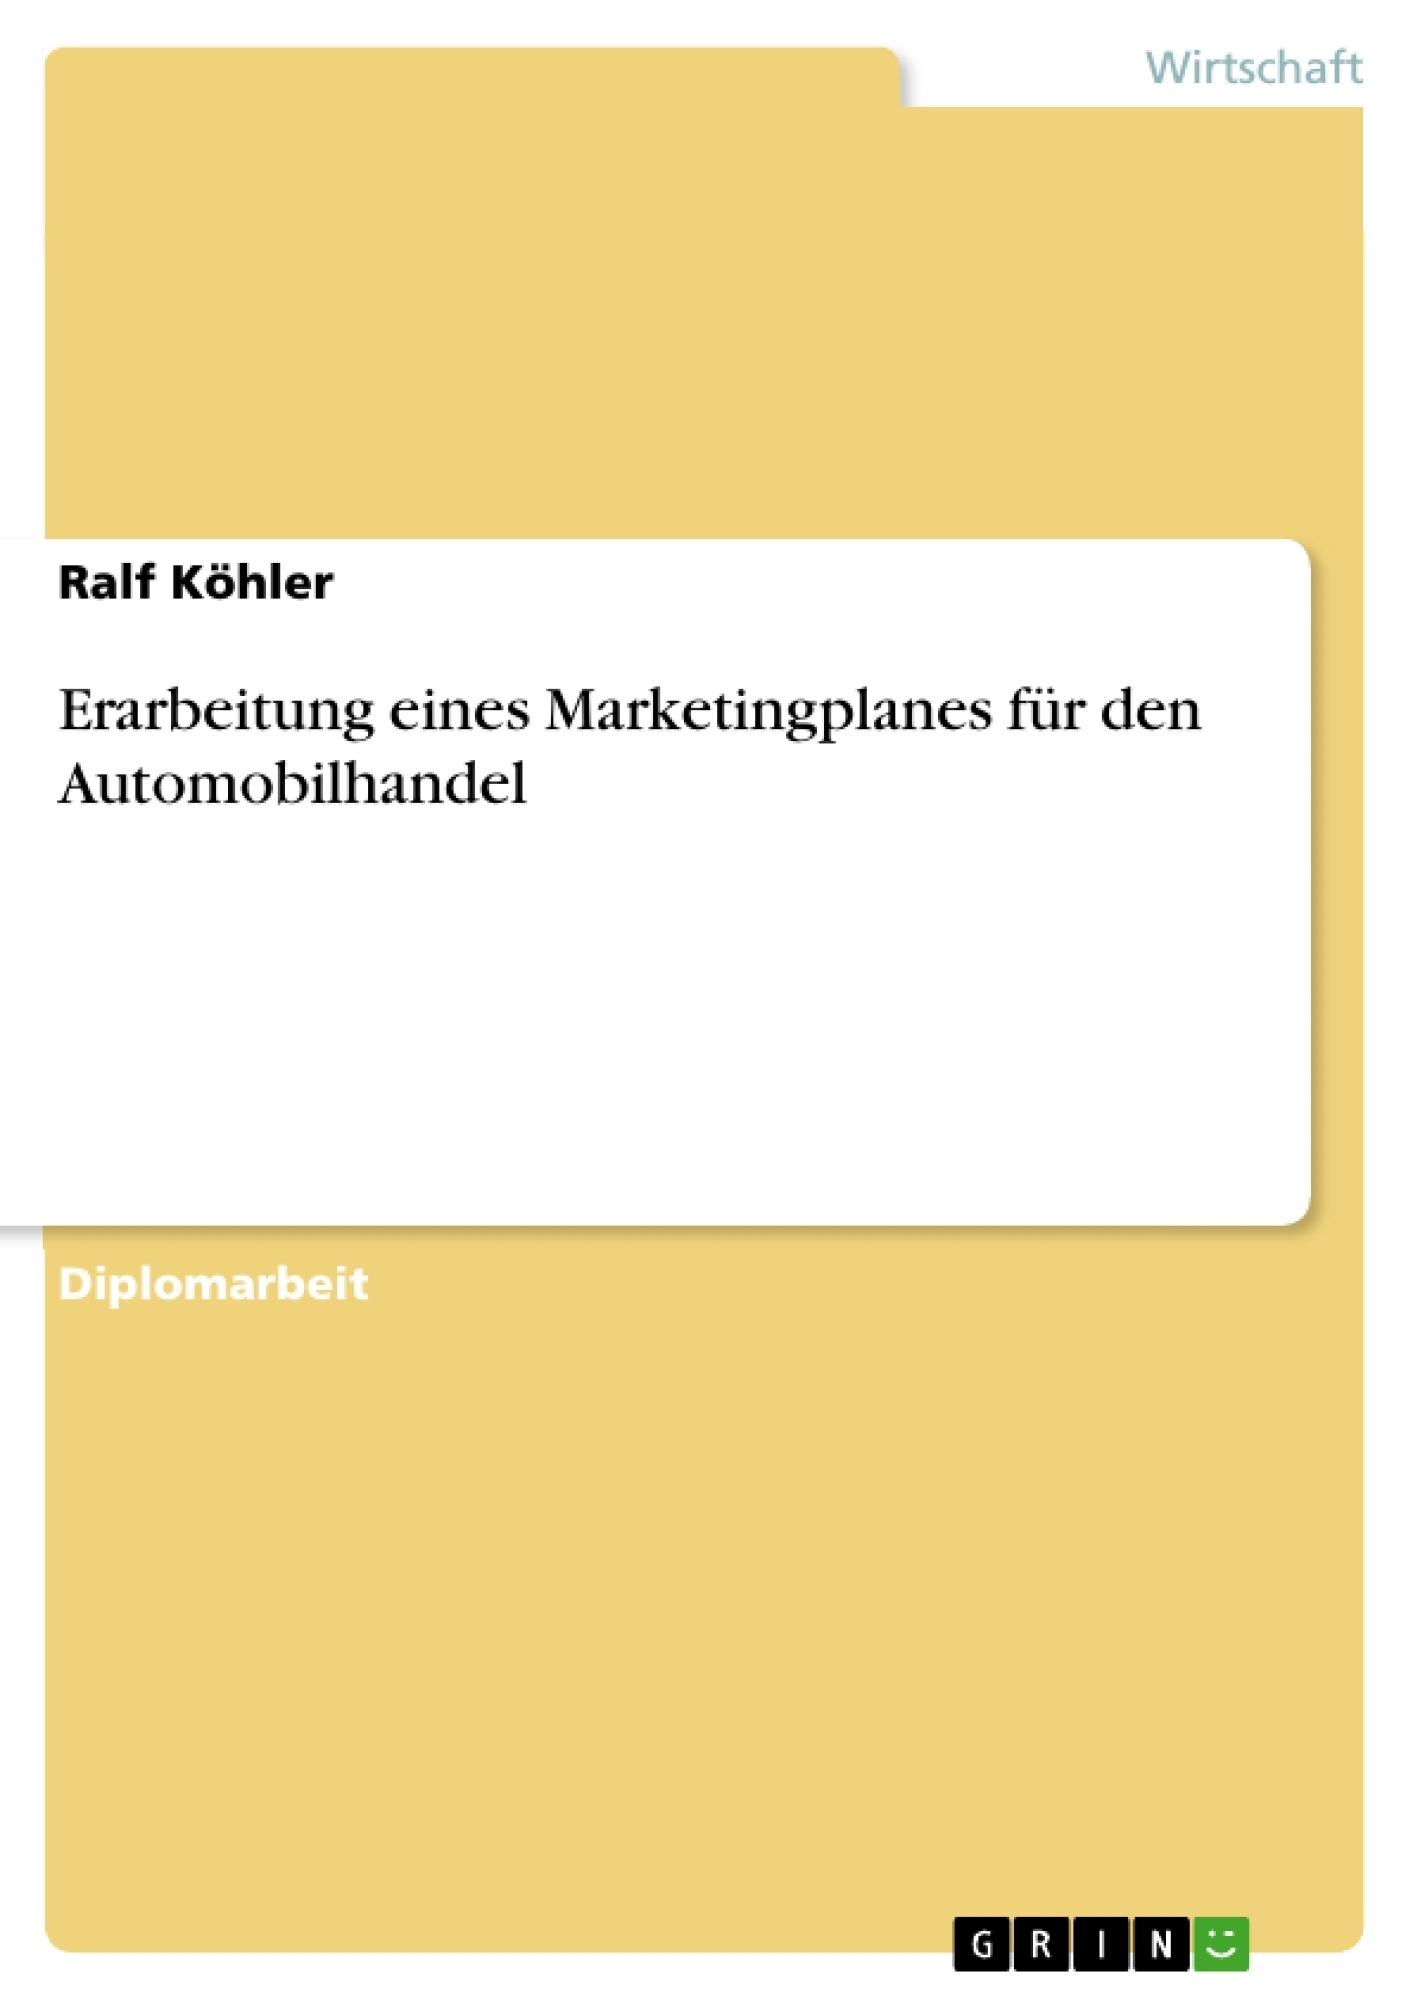 Titel: Erarbeitung eines Marketingplanes für den Automobilhandel